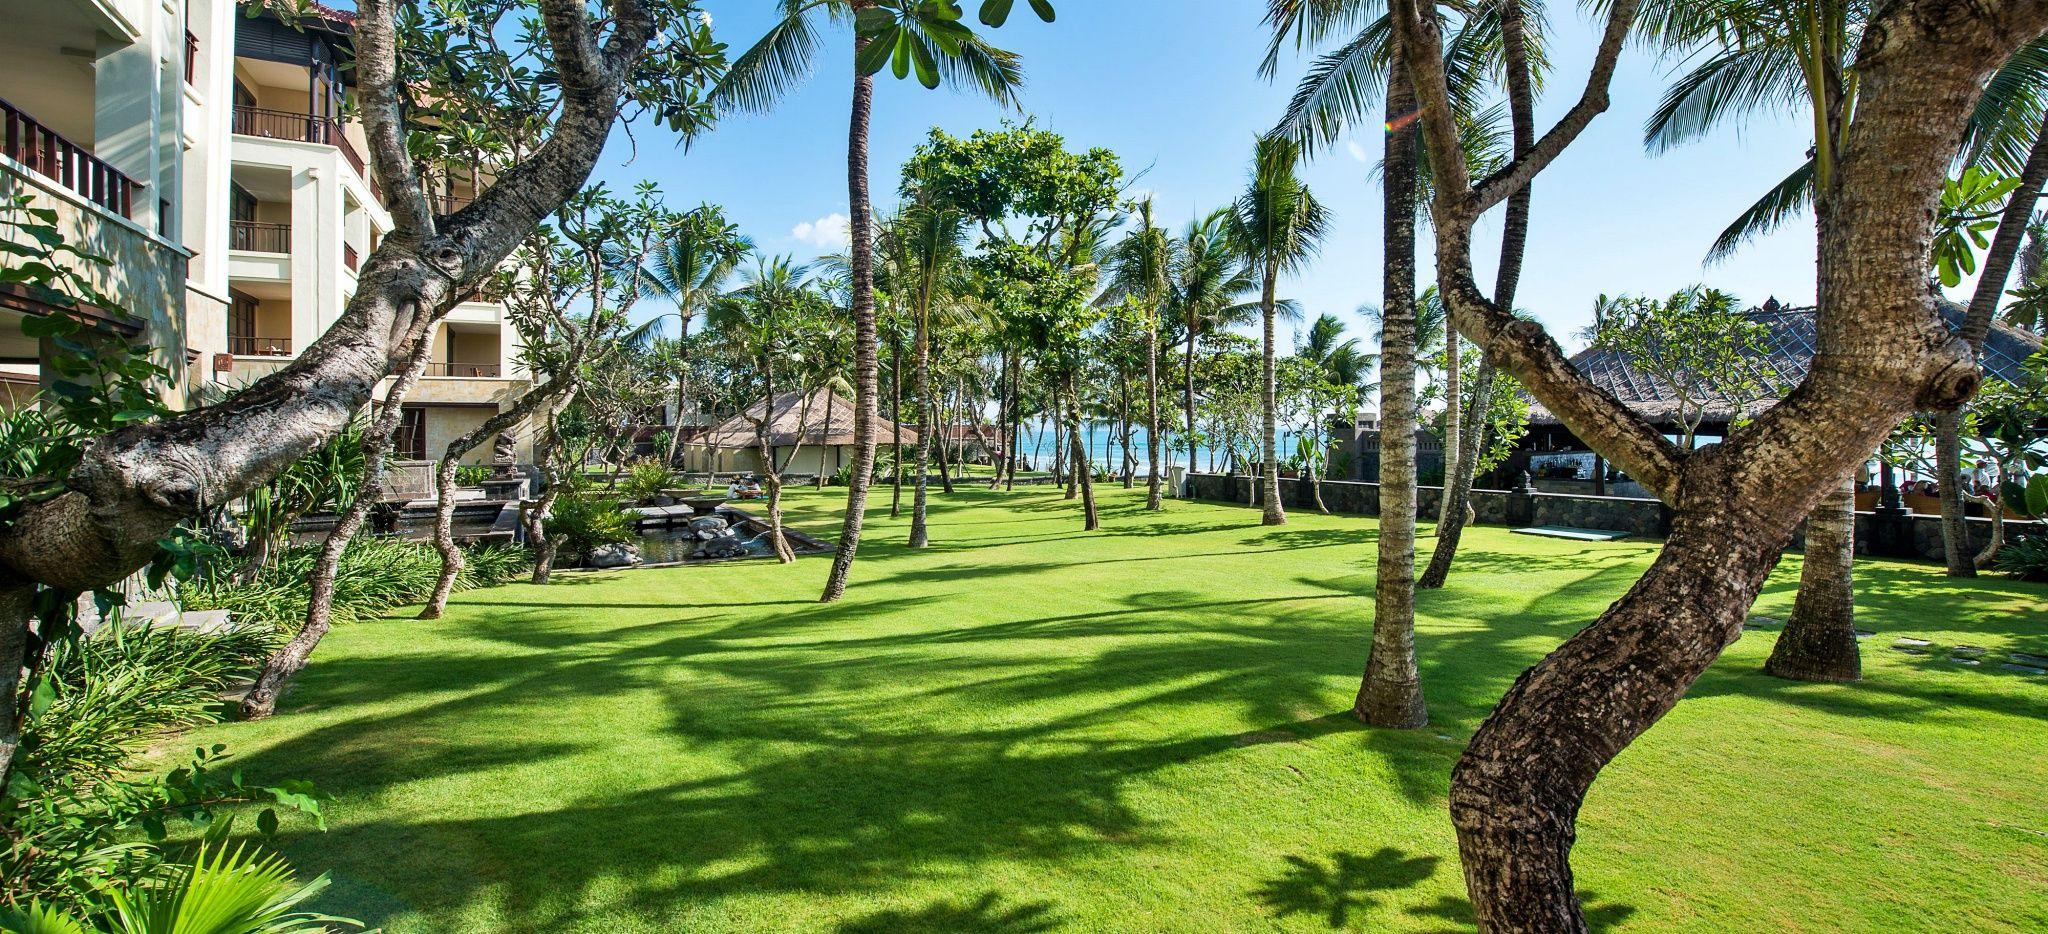 """Ein grüner Englischer Rasen mit Bäumen im Hotel """"The Legian"""""""